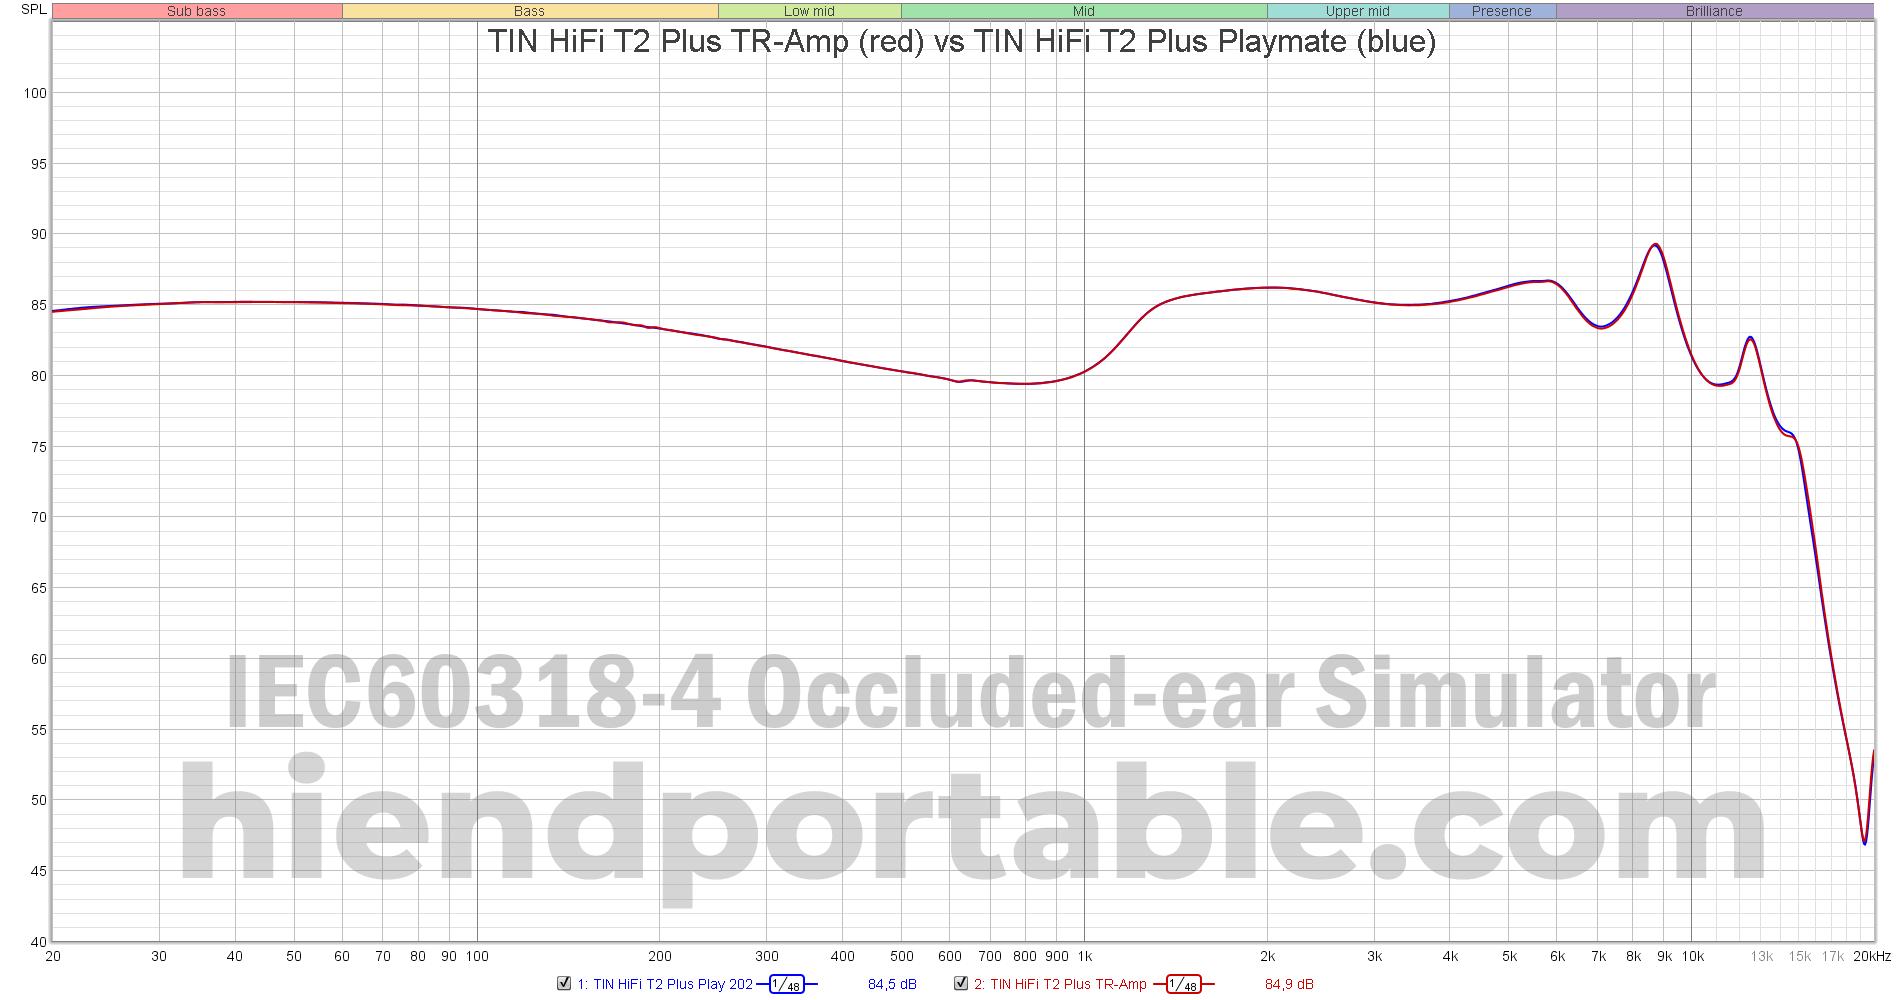 TIN-HiFi-T2-Plus-TR-Amp-vs-TIN-HiFi-T2-Plus-Playmate.png